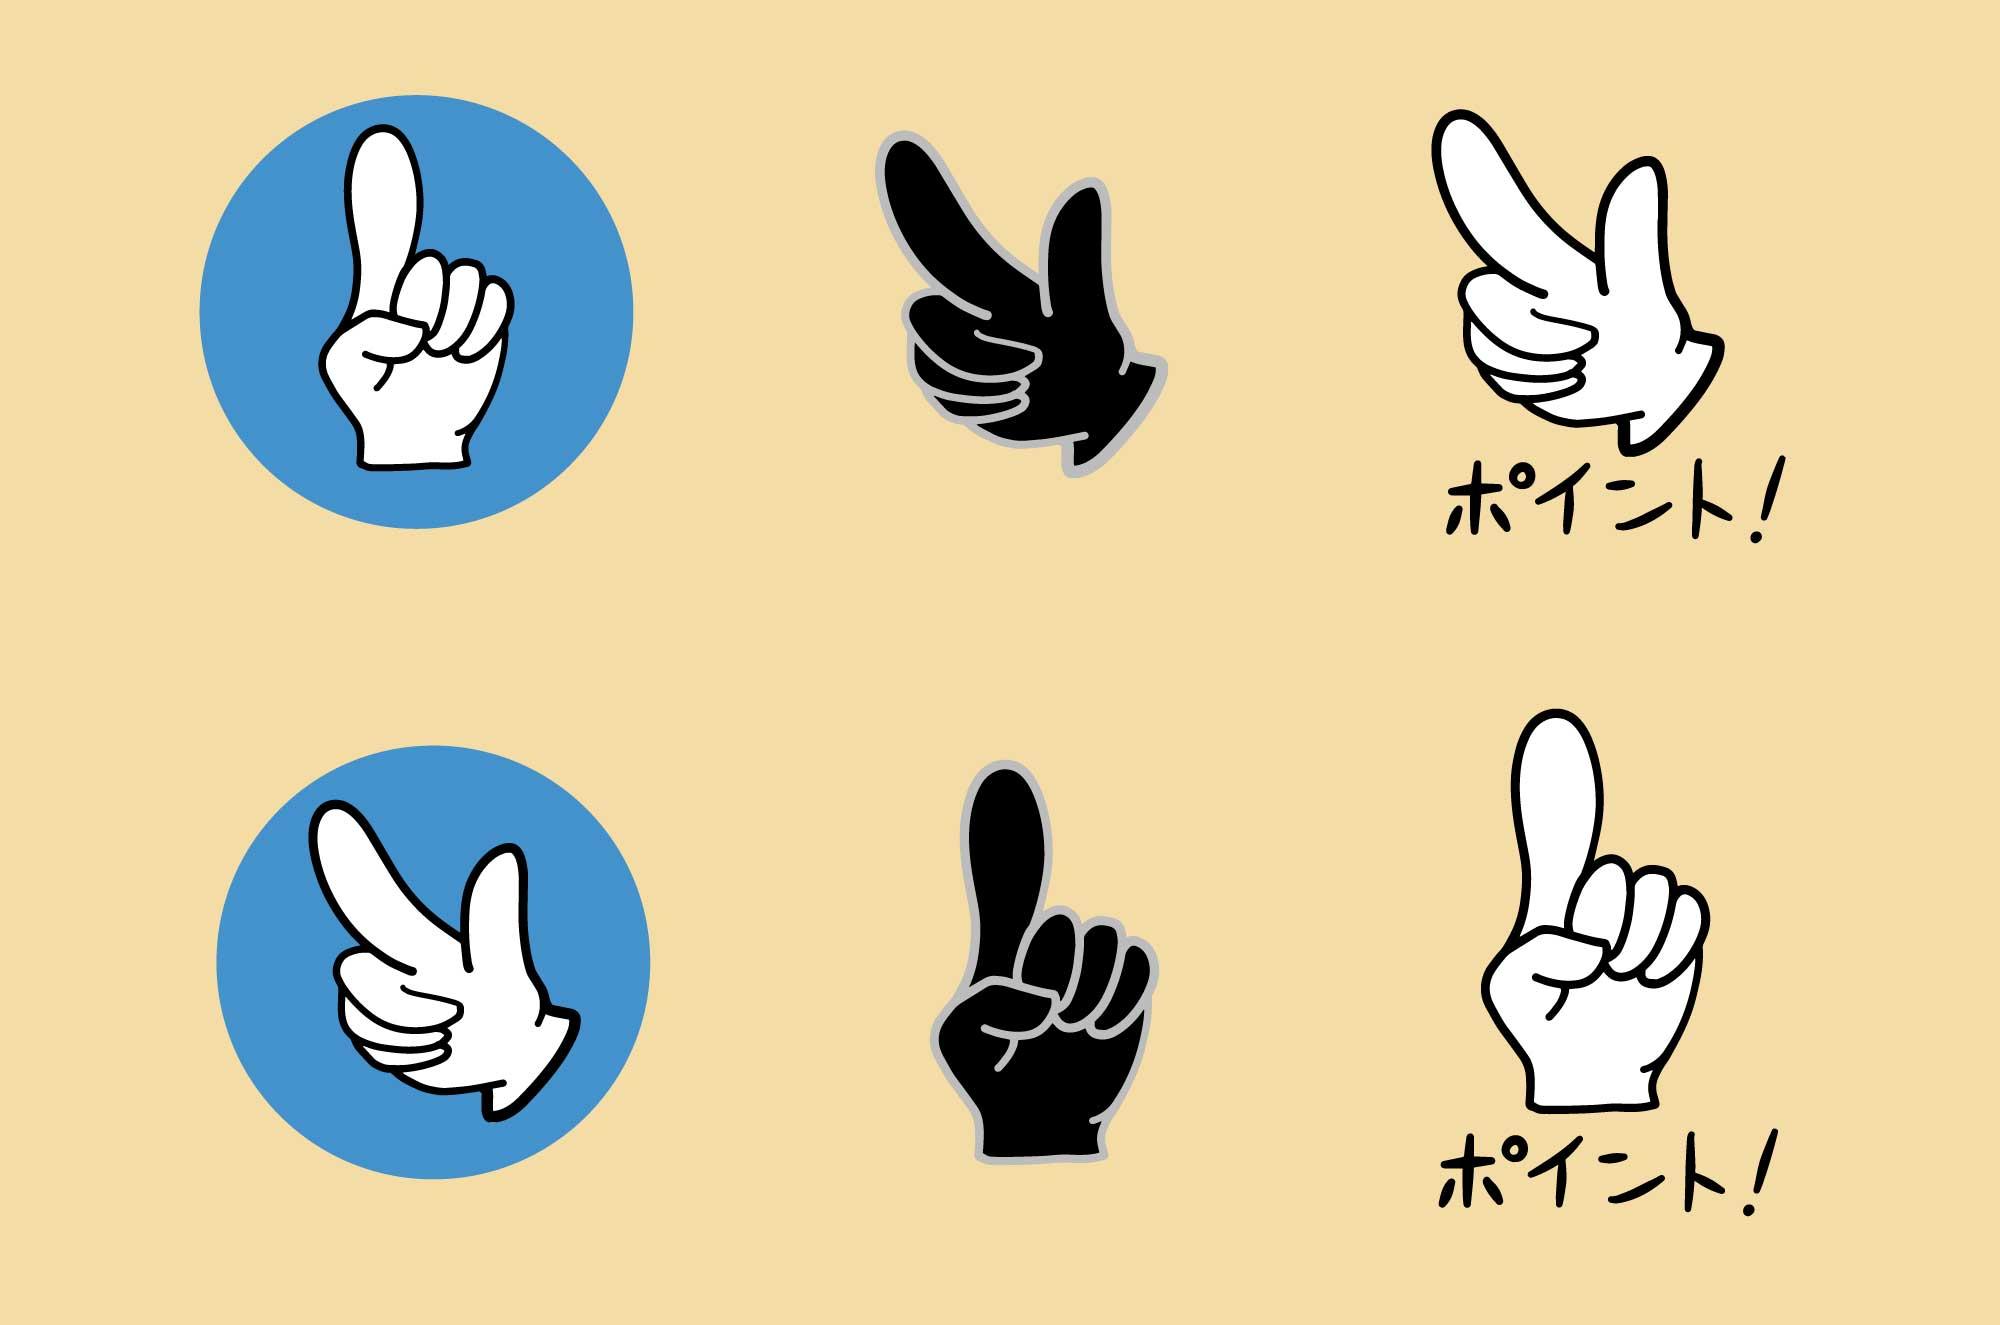 ポイントのイメージアイコン - 指差しのイラスト素材